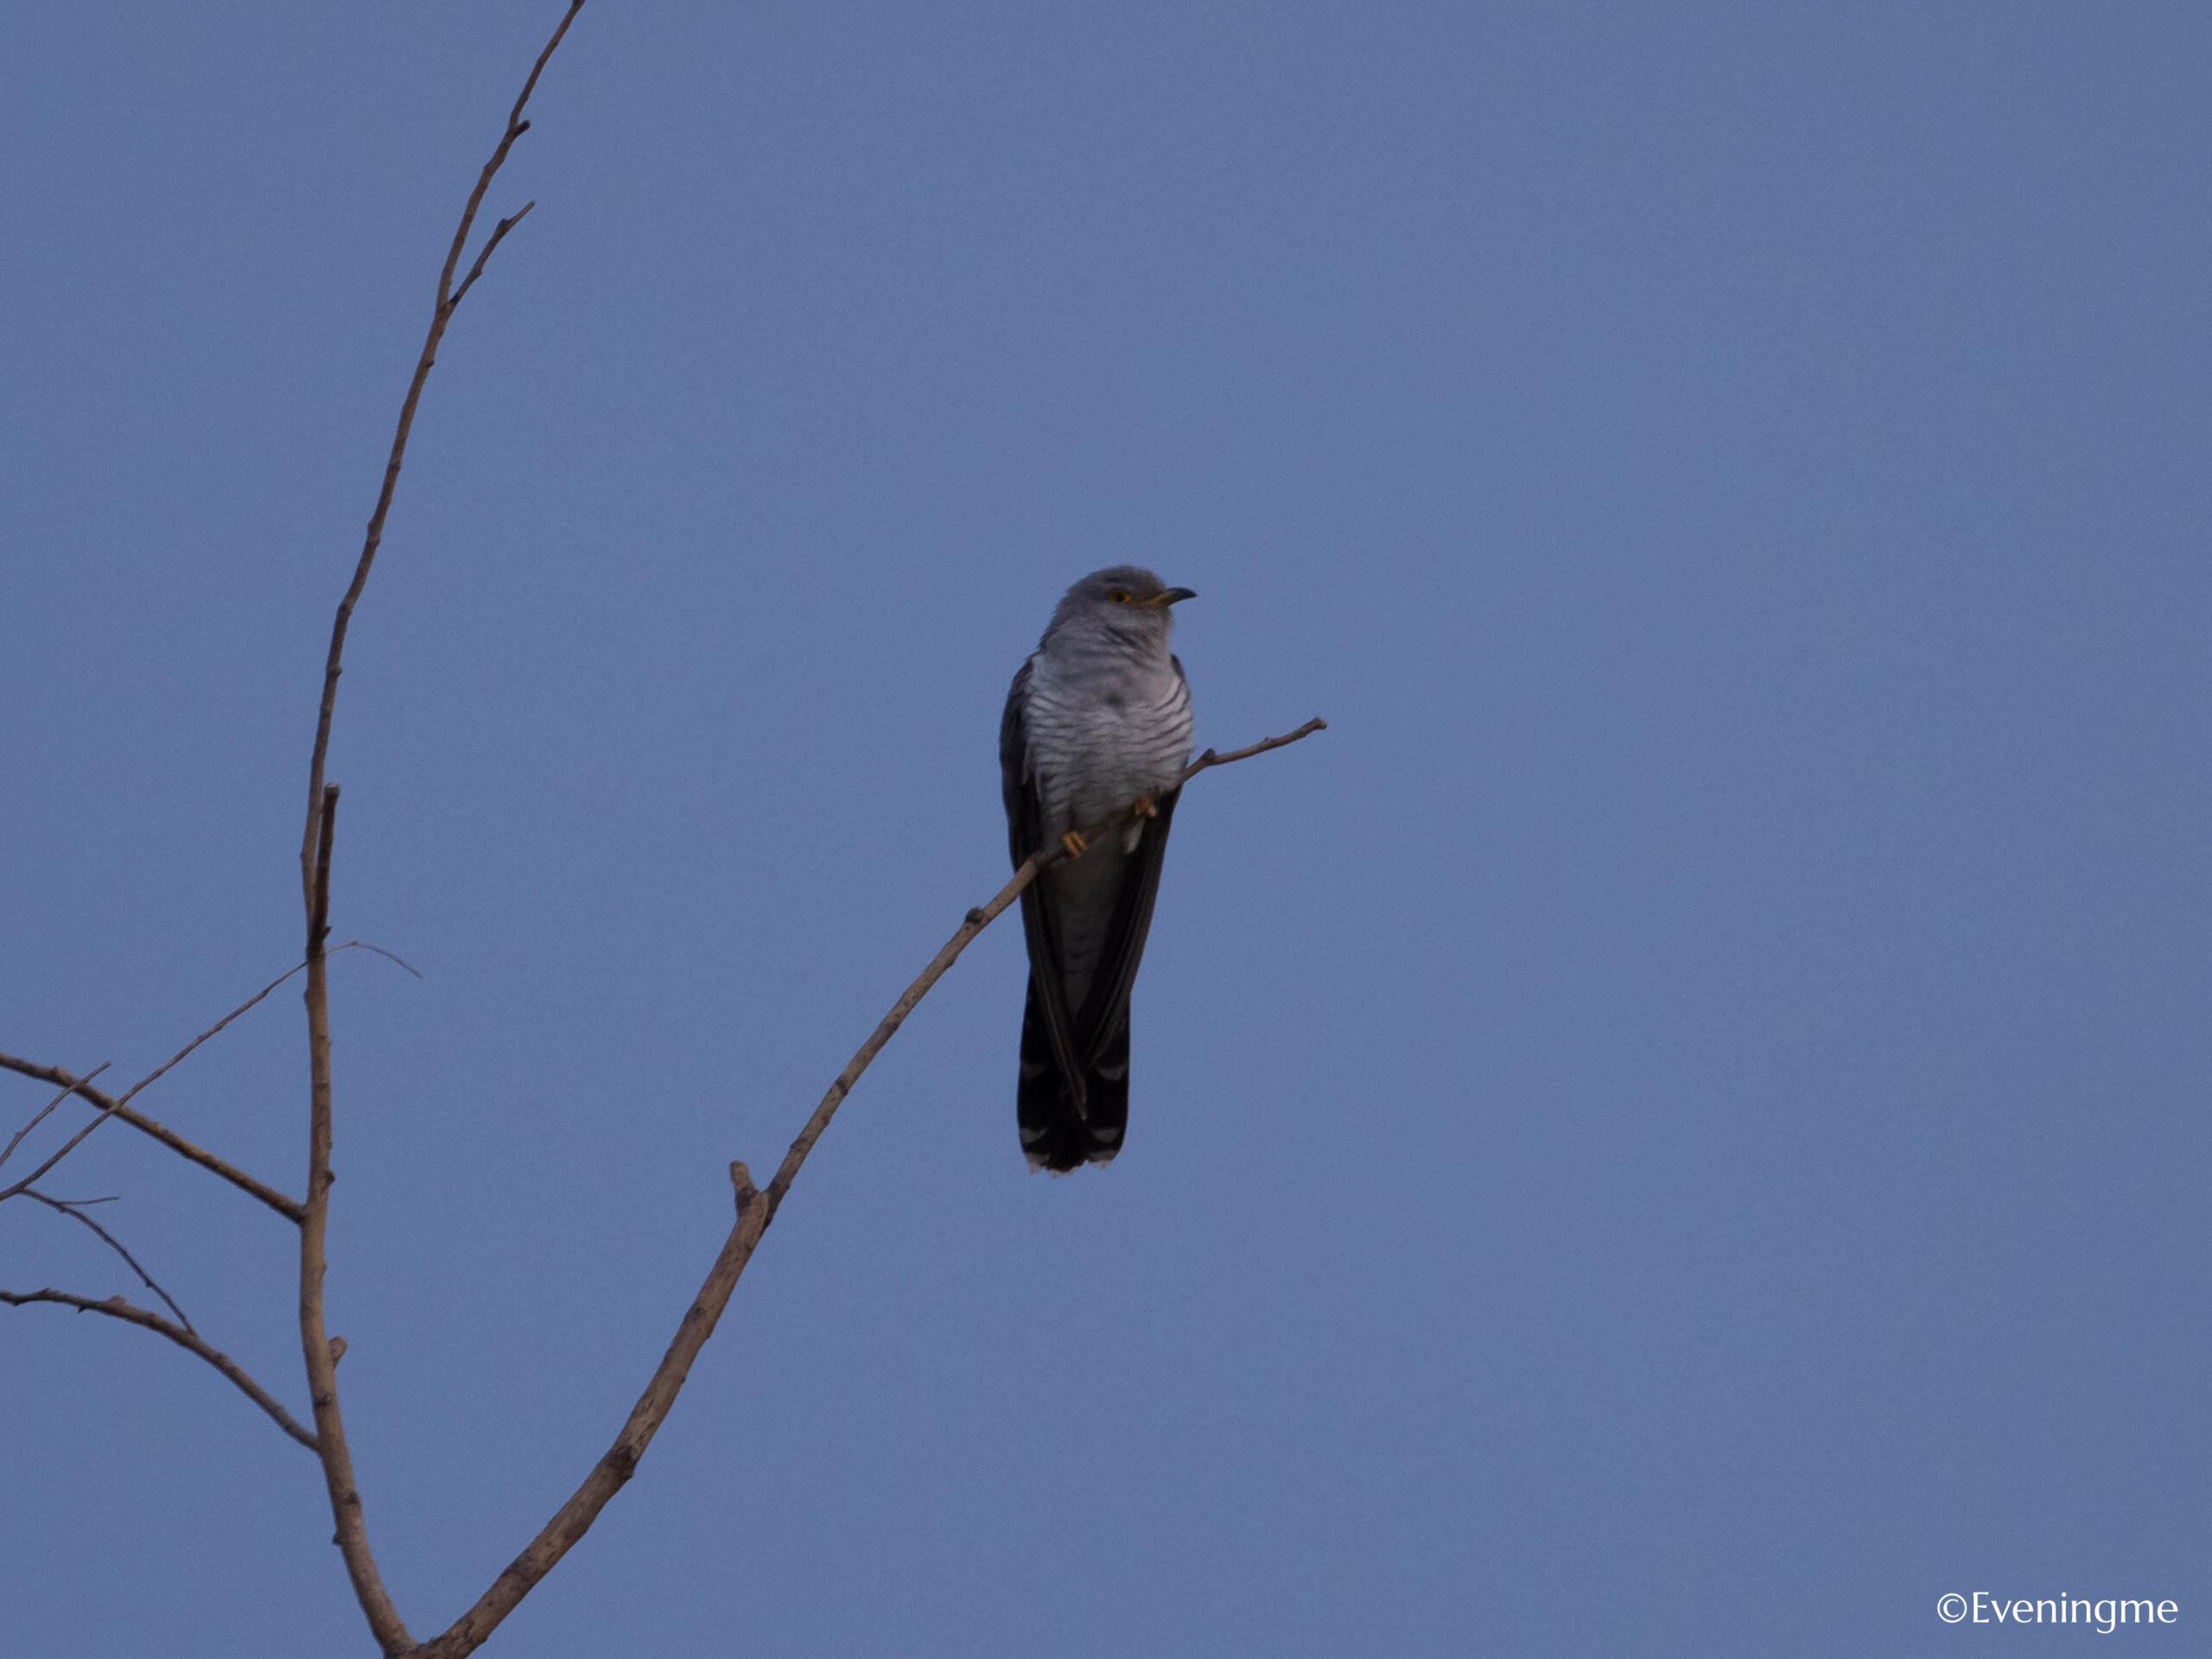 怎么得知一种鸟叫什么?吊诡的经历插图3